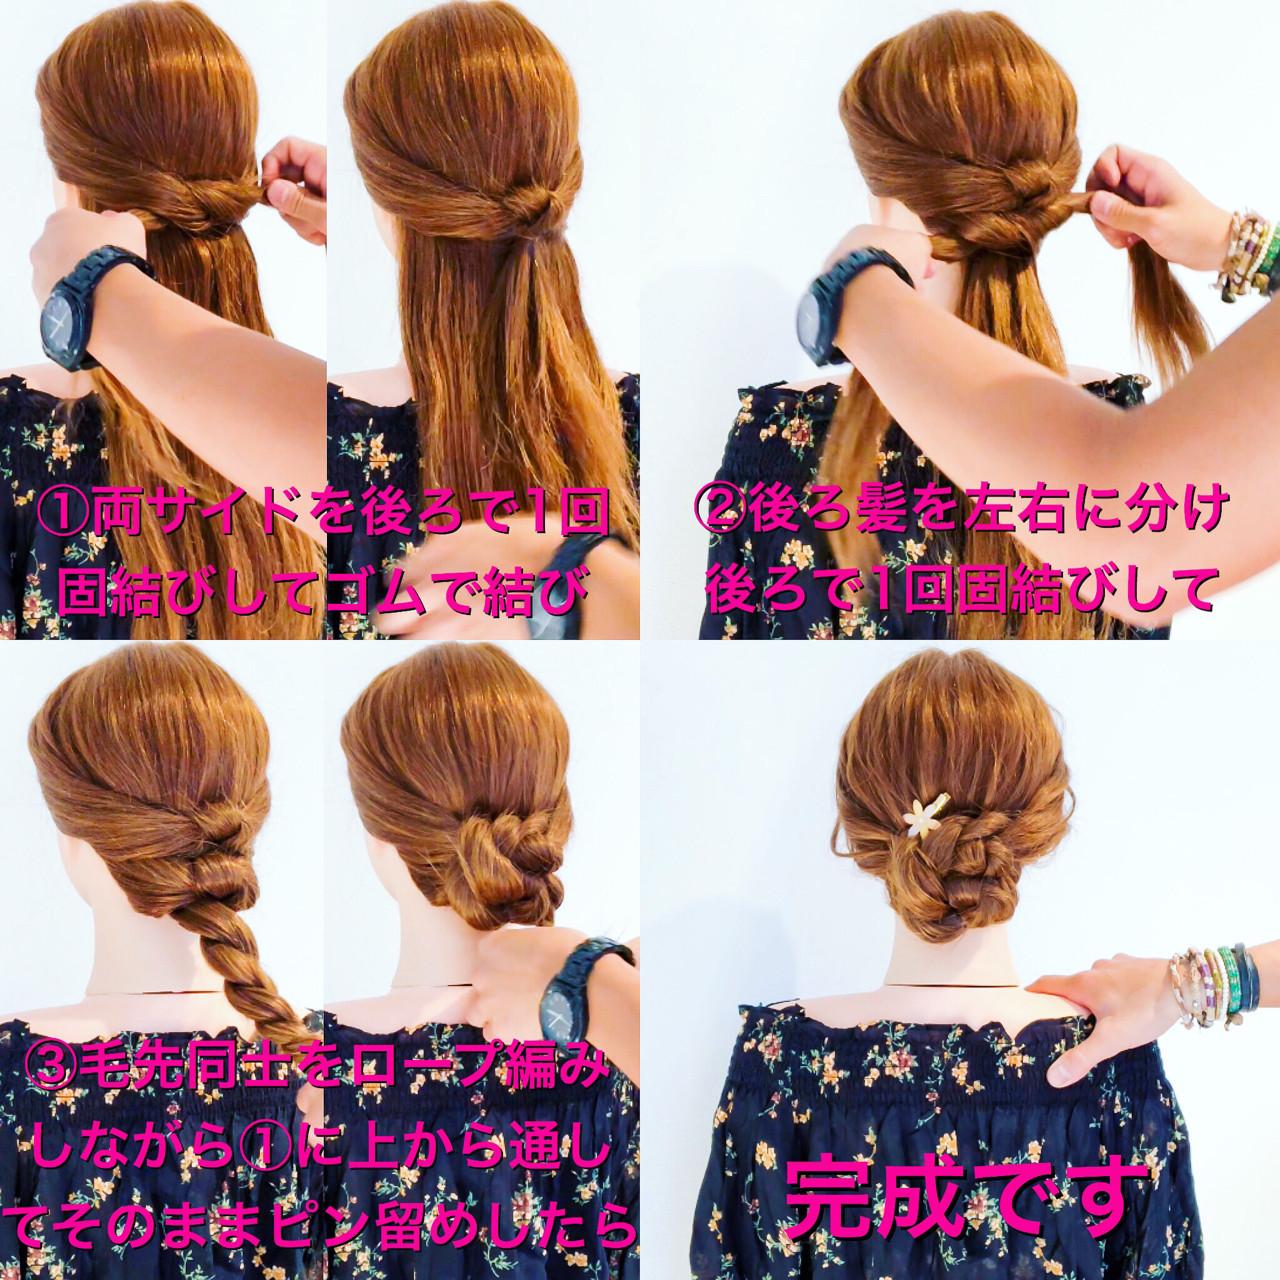 時短で華やか♡結婚式お呼ばれヘアアレンジ 美容師 HIRO